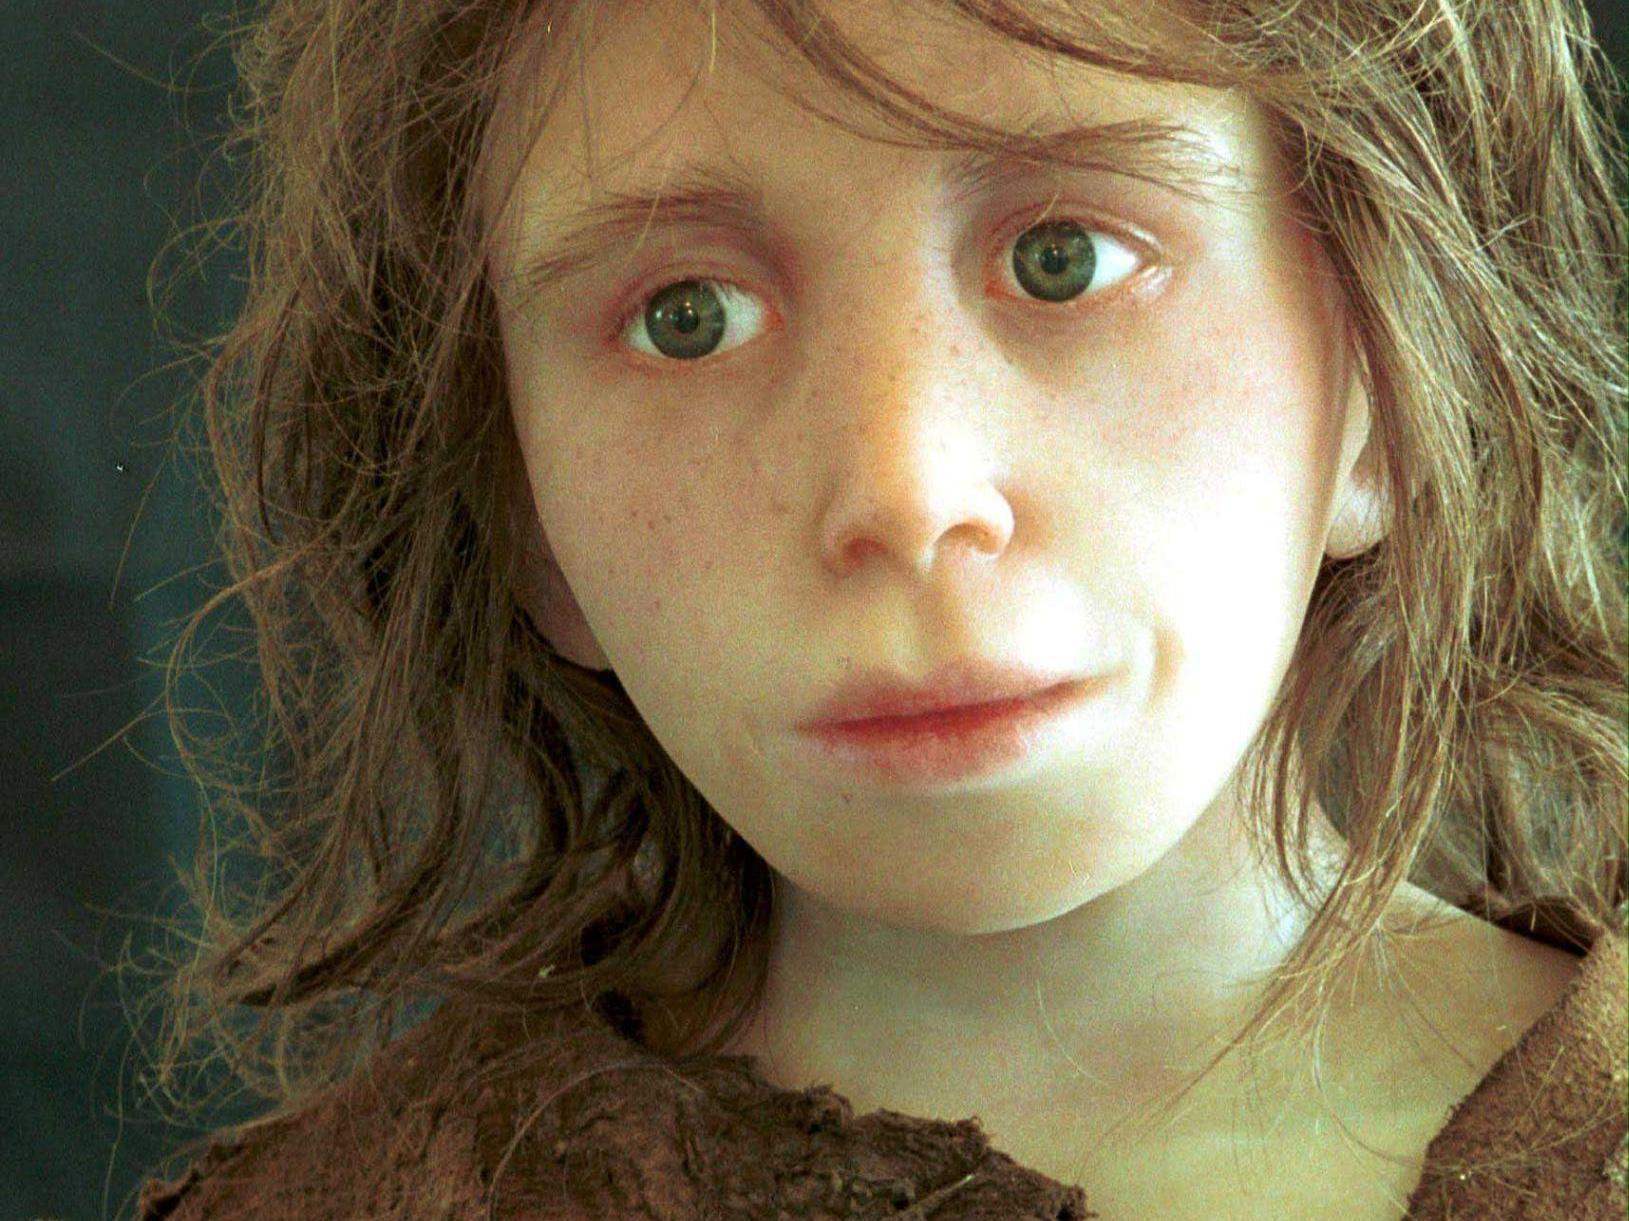 Gemeinsame Kinder von Neandertalern und Menschen wurden wahrscheinlich häufig durch Immunsystem verhindert.